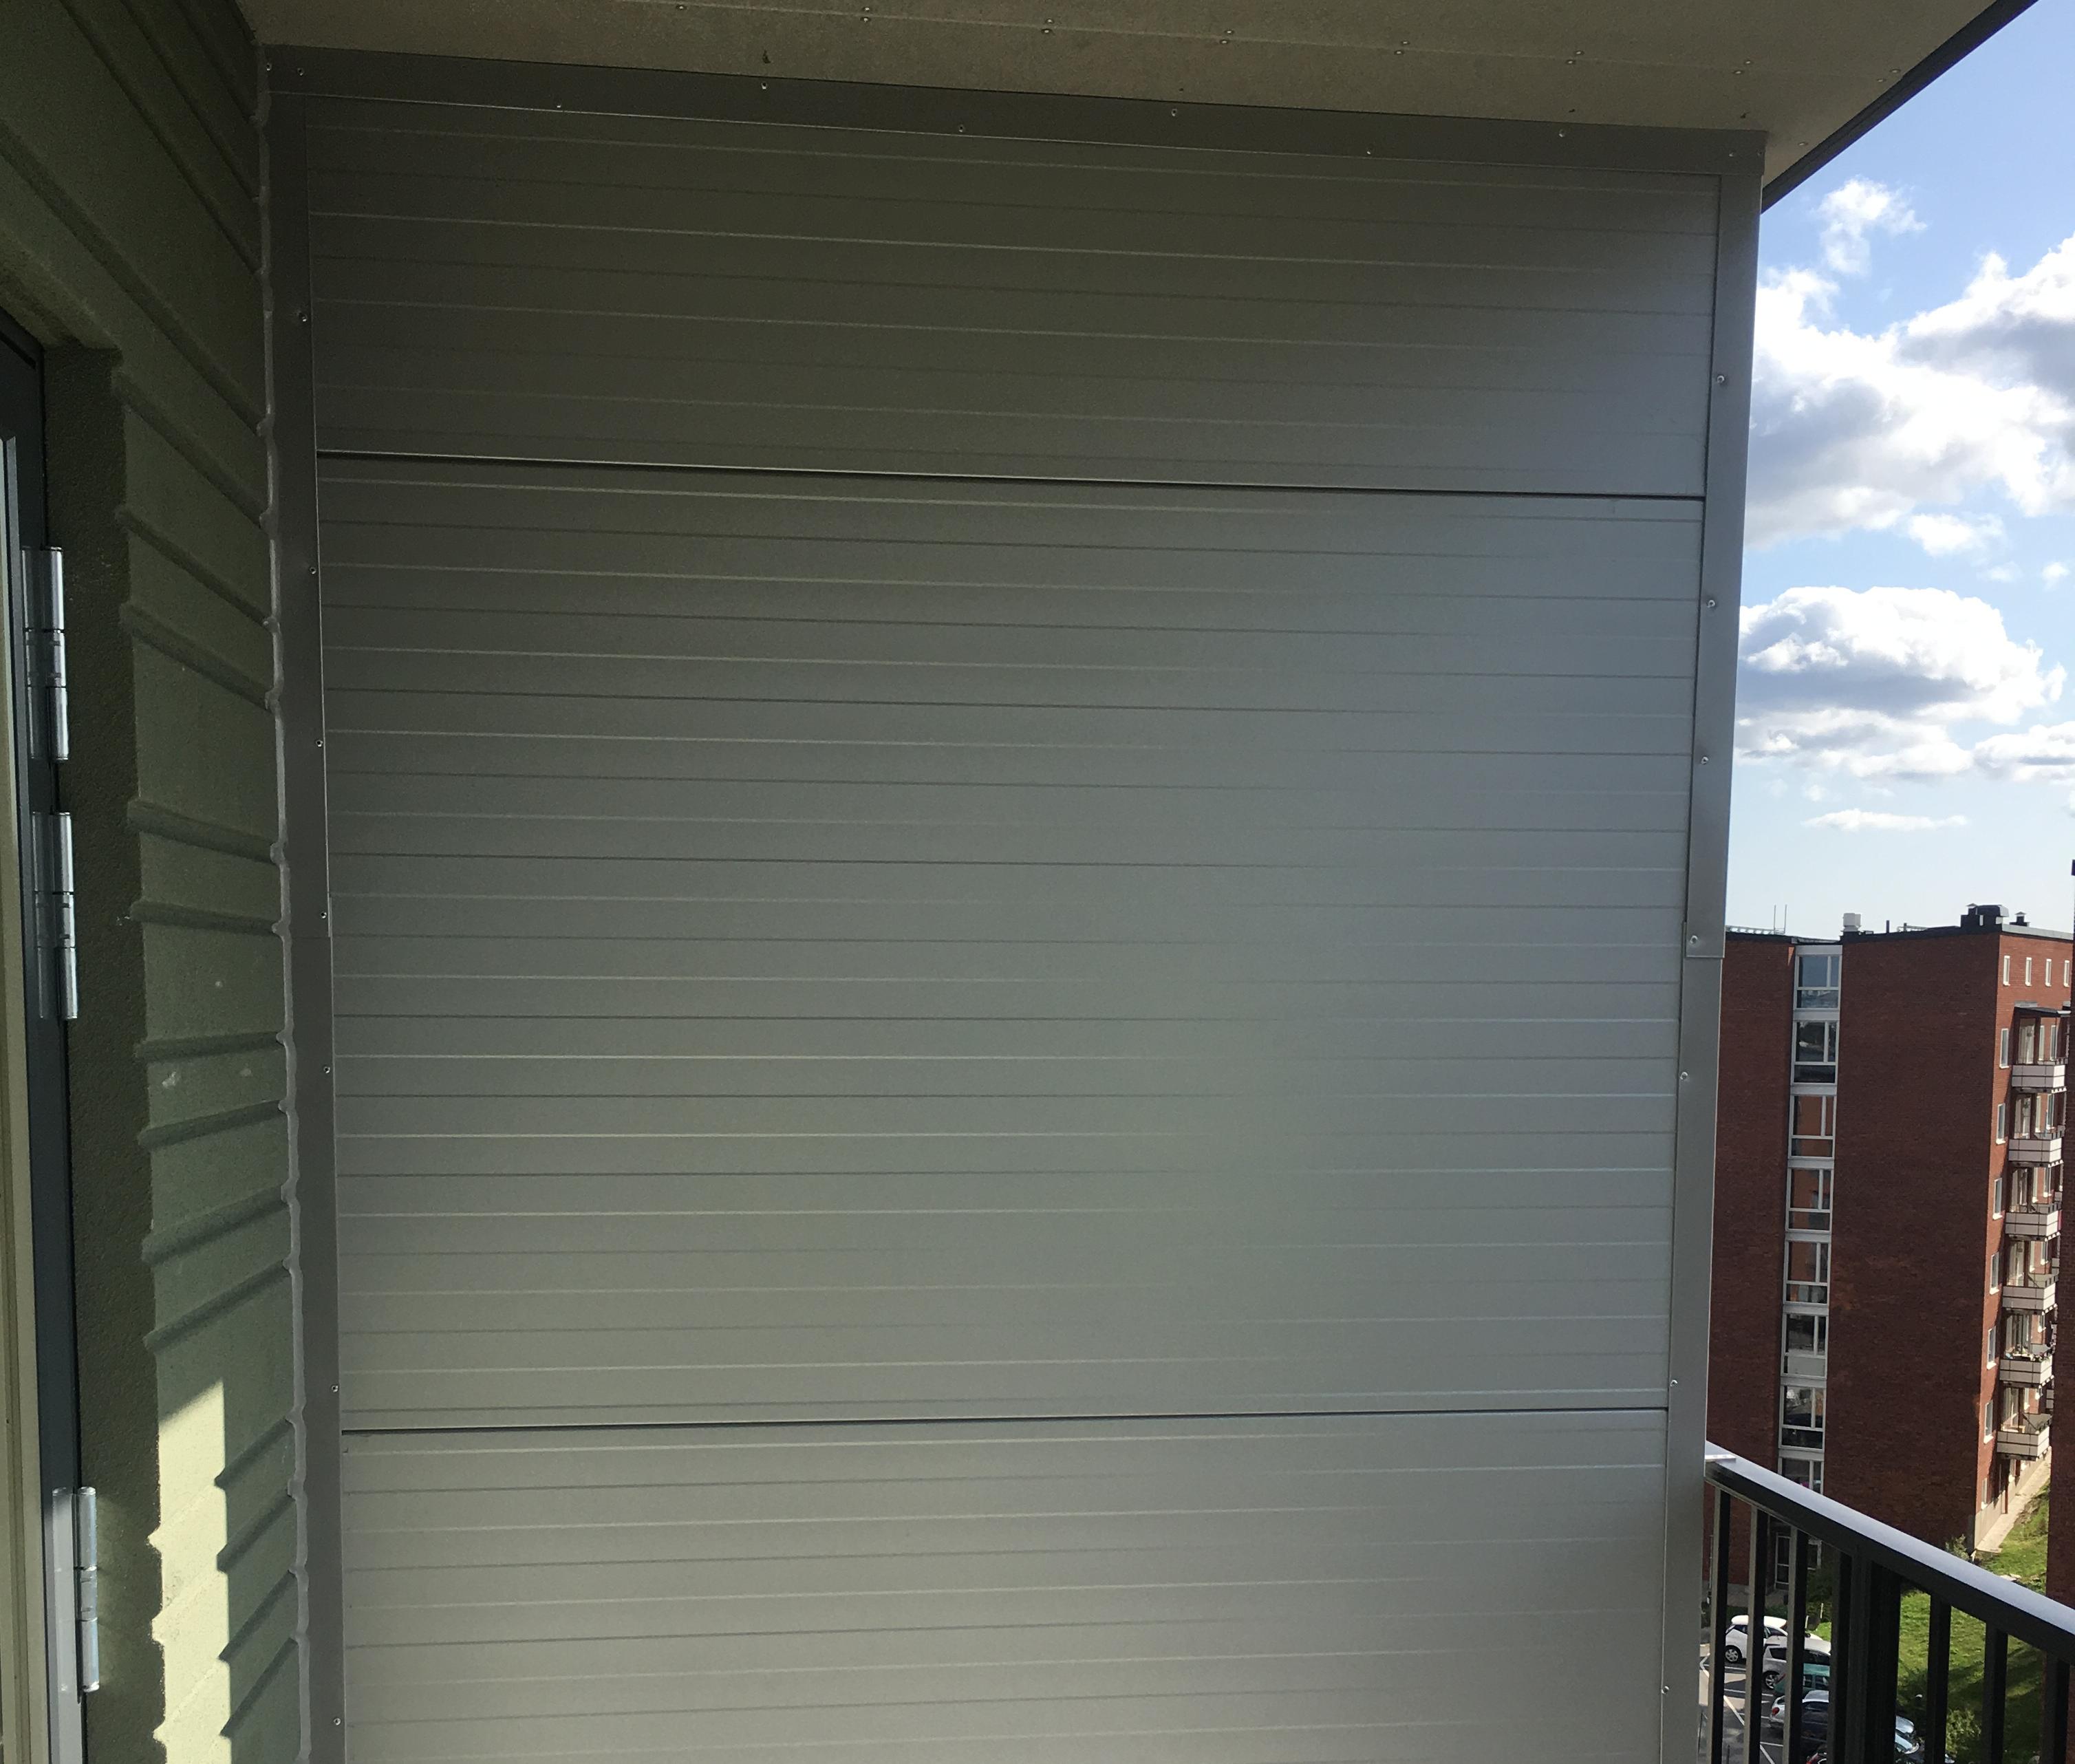 Vid inglasning av dubbelbalkonger krävs att mellanliggande vägg uppfyller minst brandteknisk klassE30